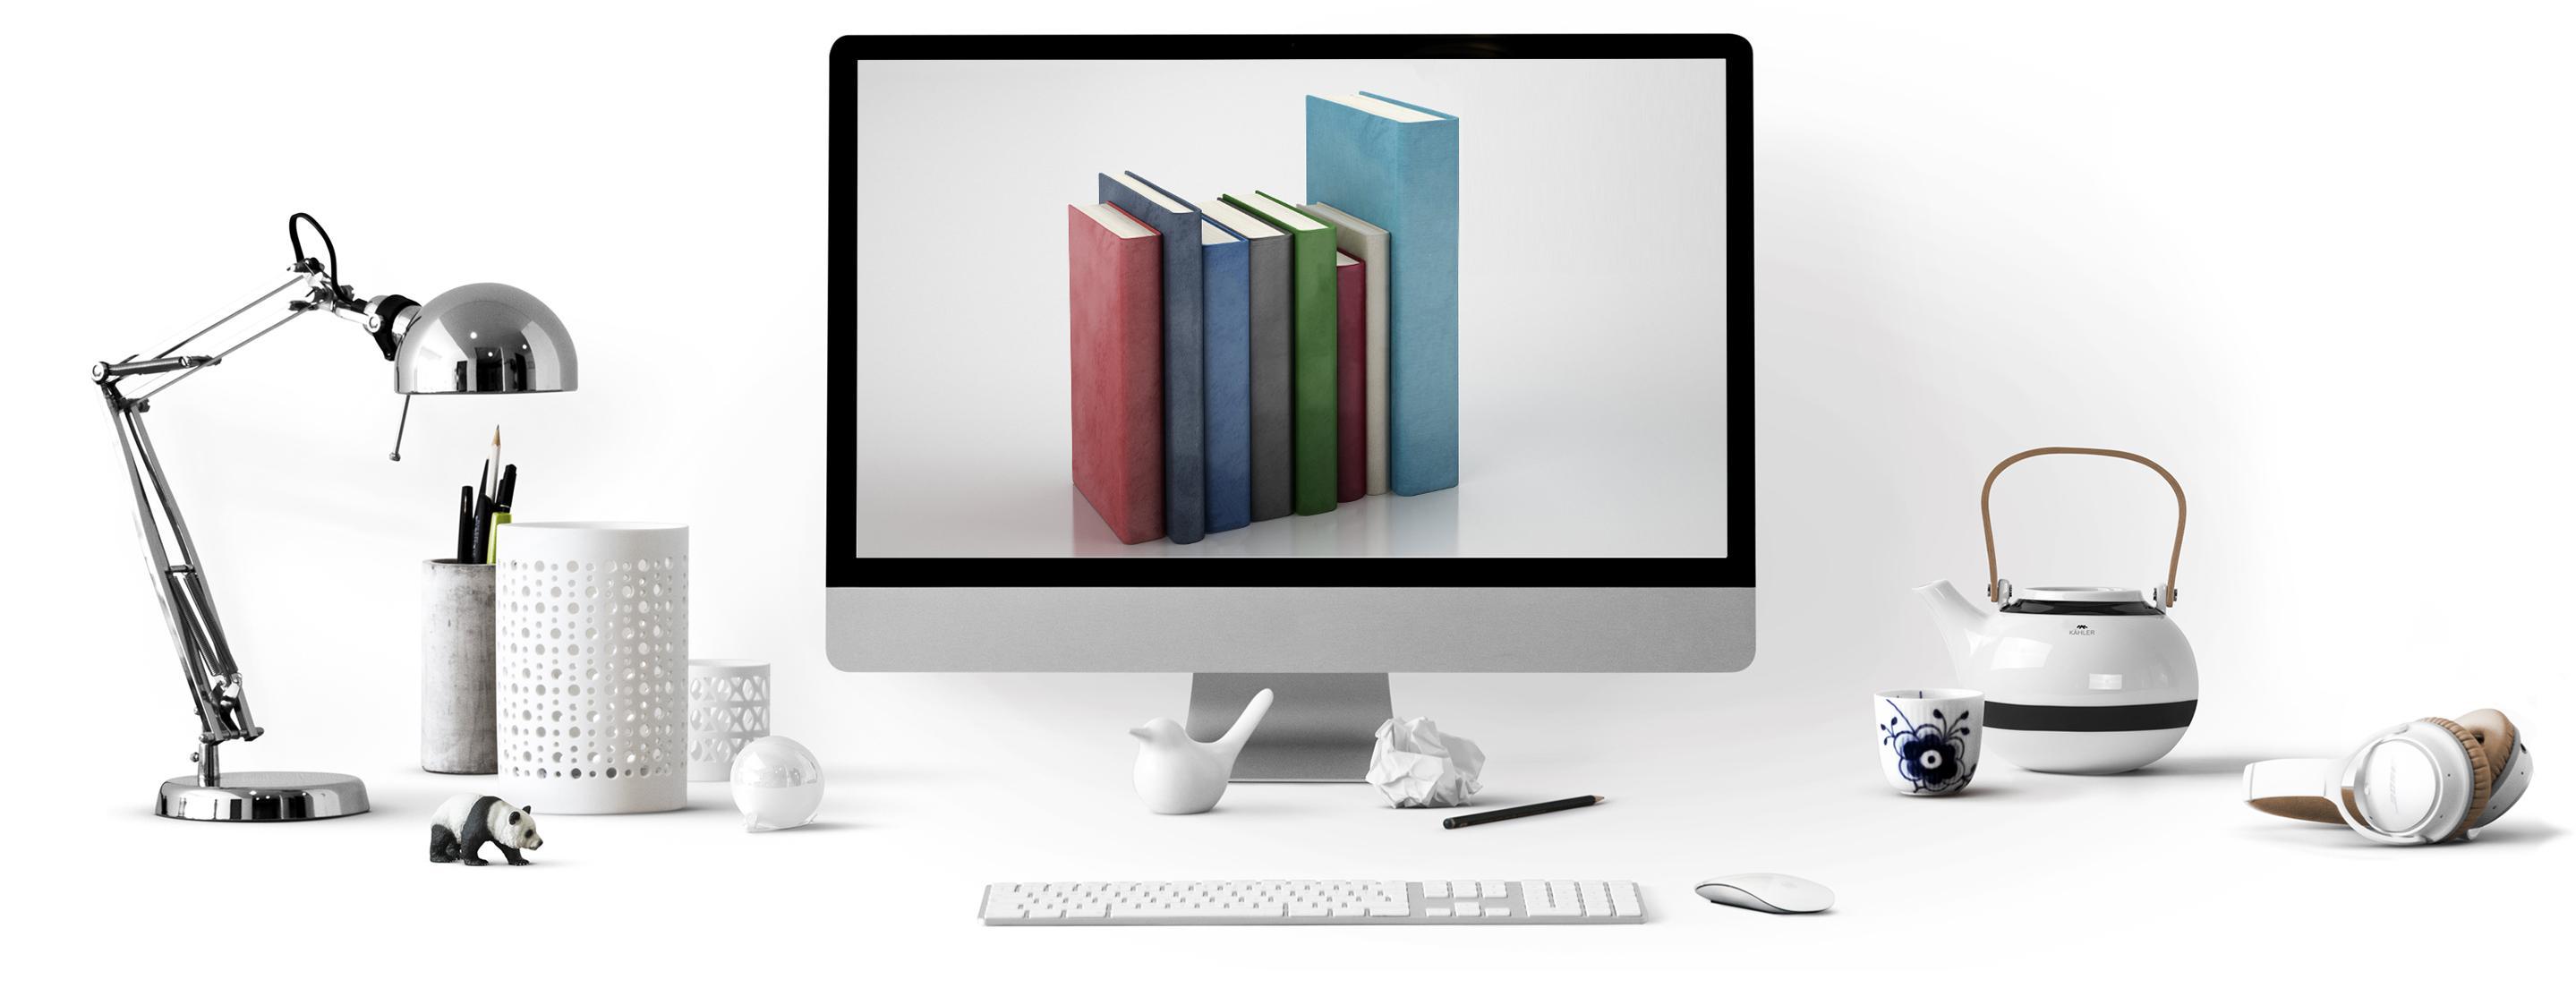 روش بهینه سازی و افزایش رتبه وب سایت در گوگل